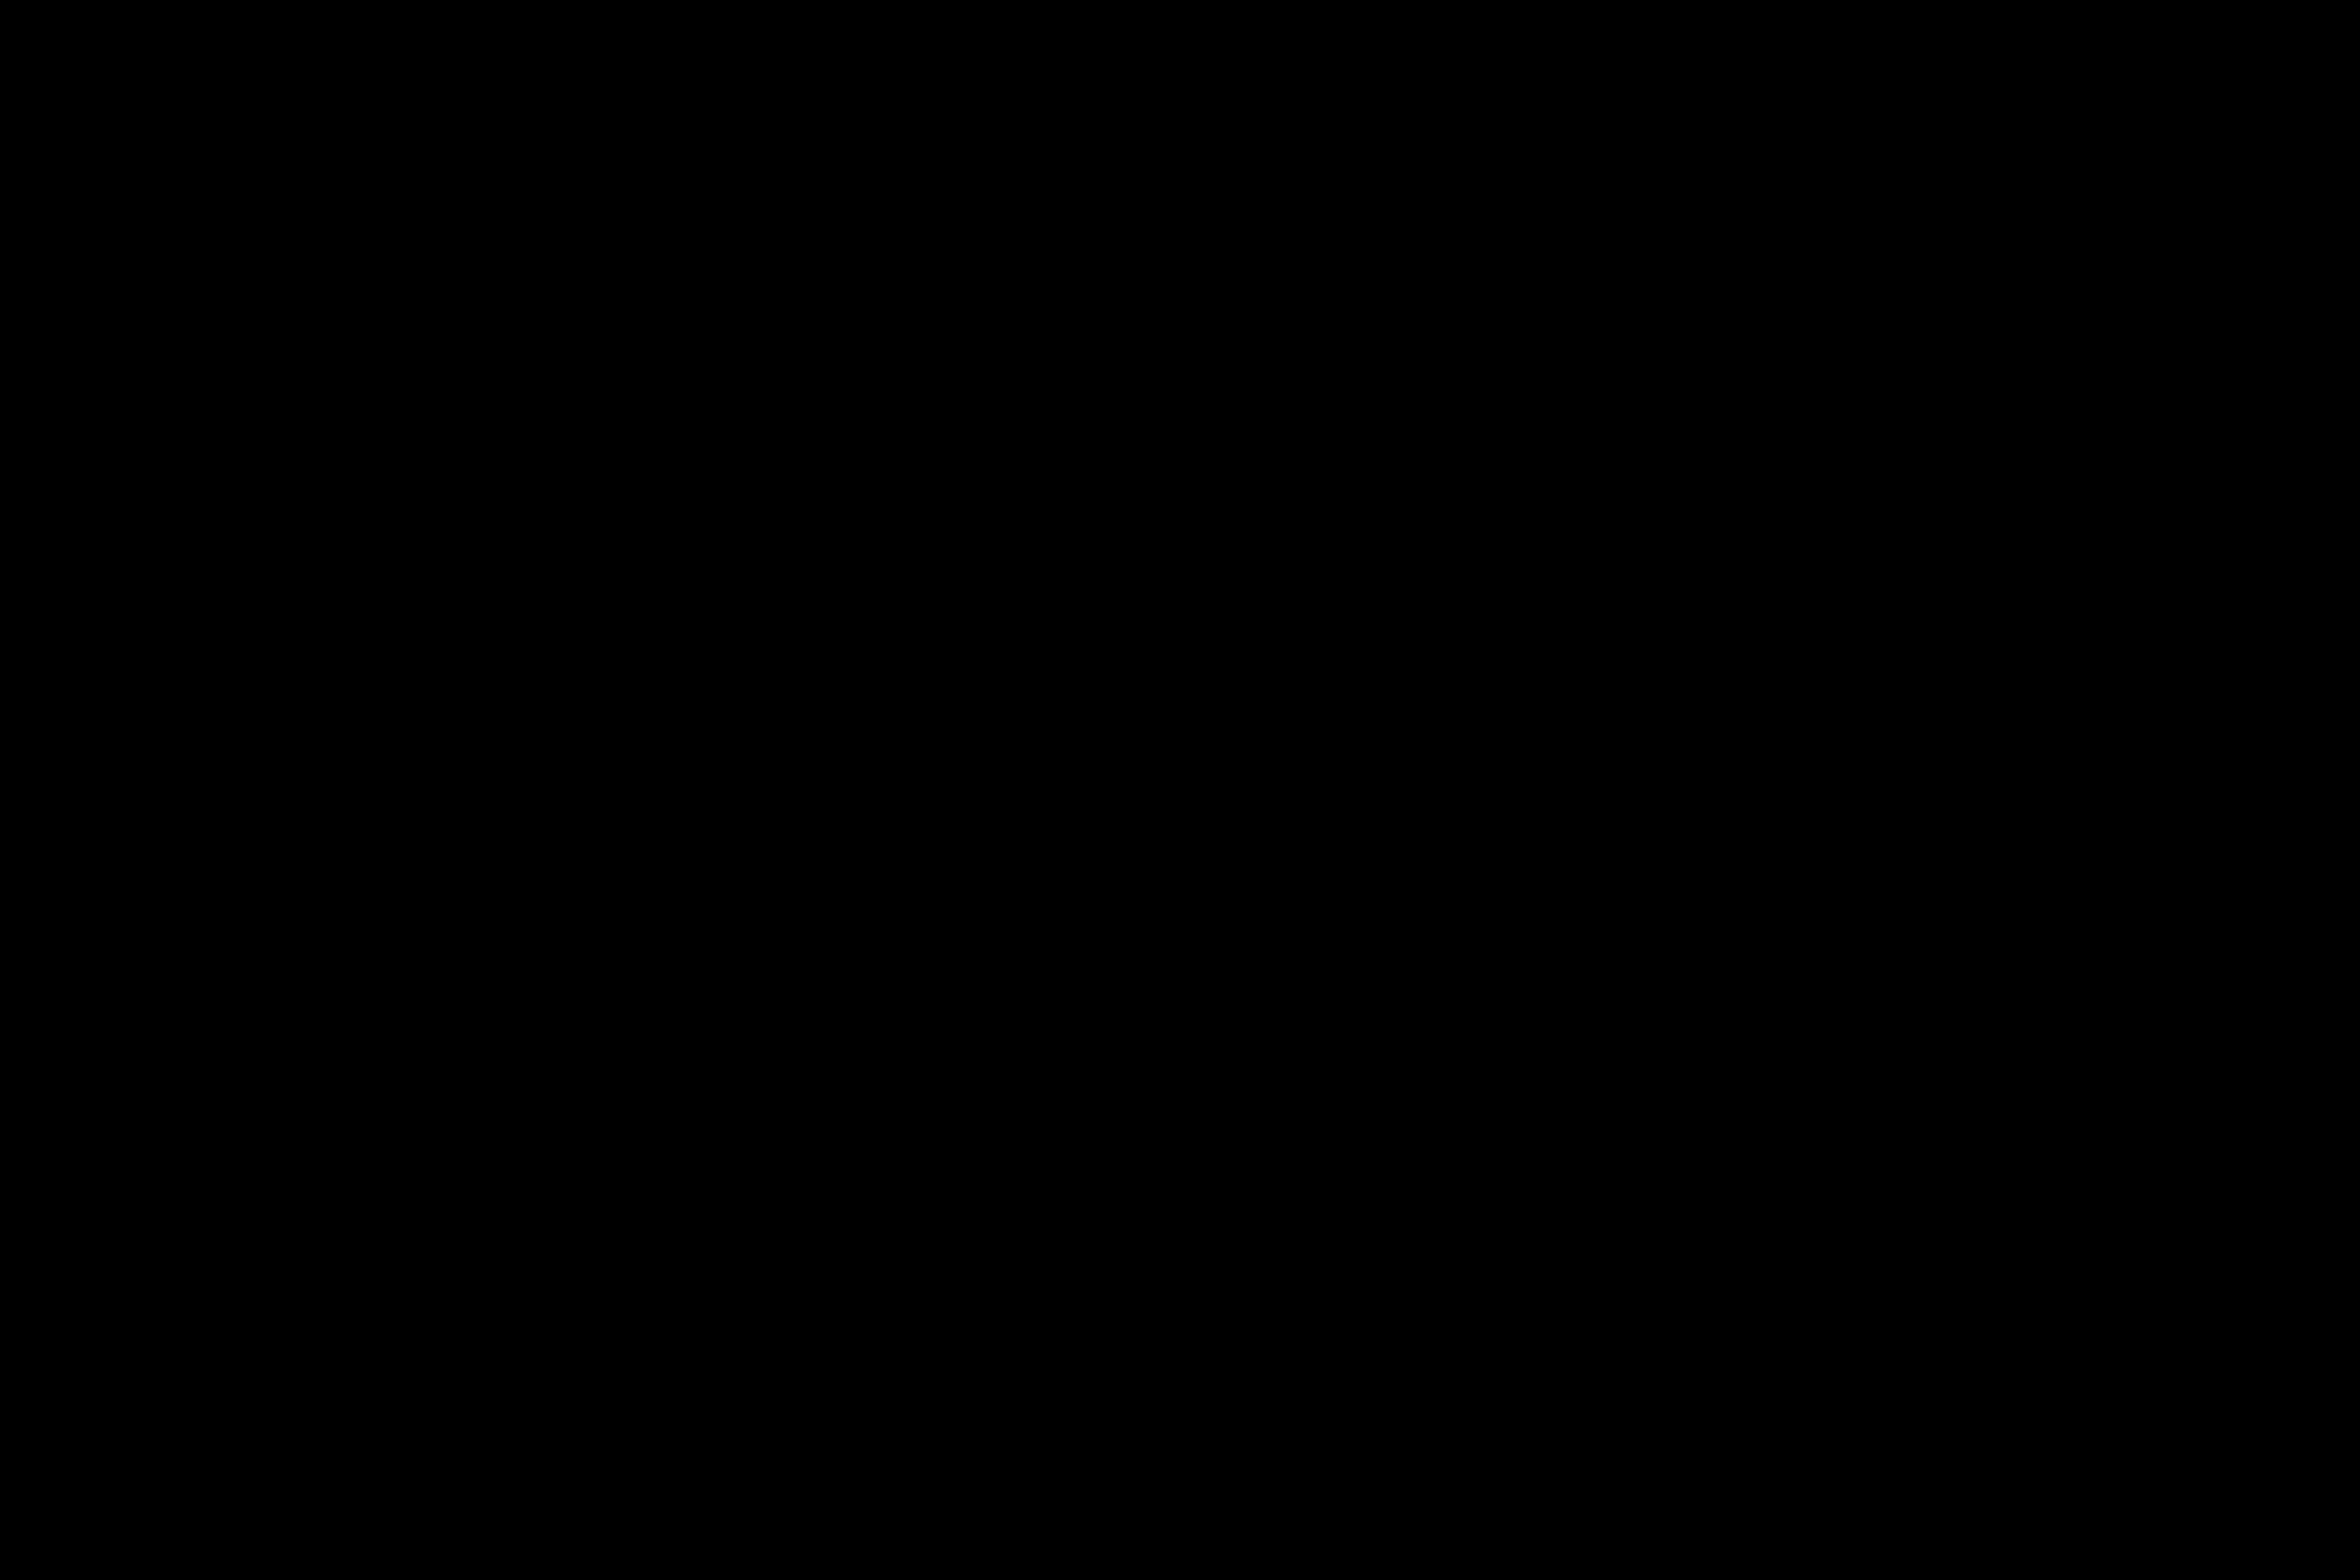 Schildwolde heeft een dorpsvlag!